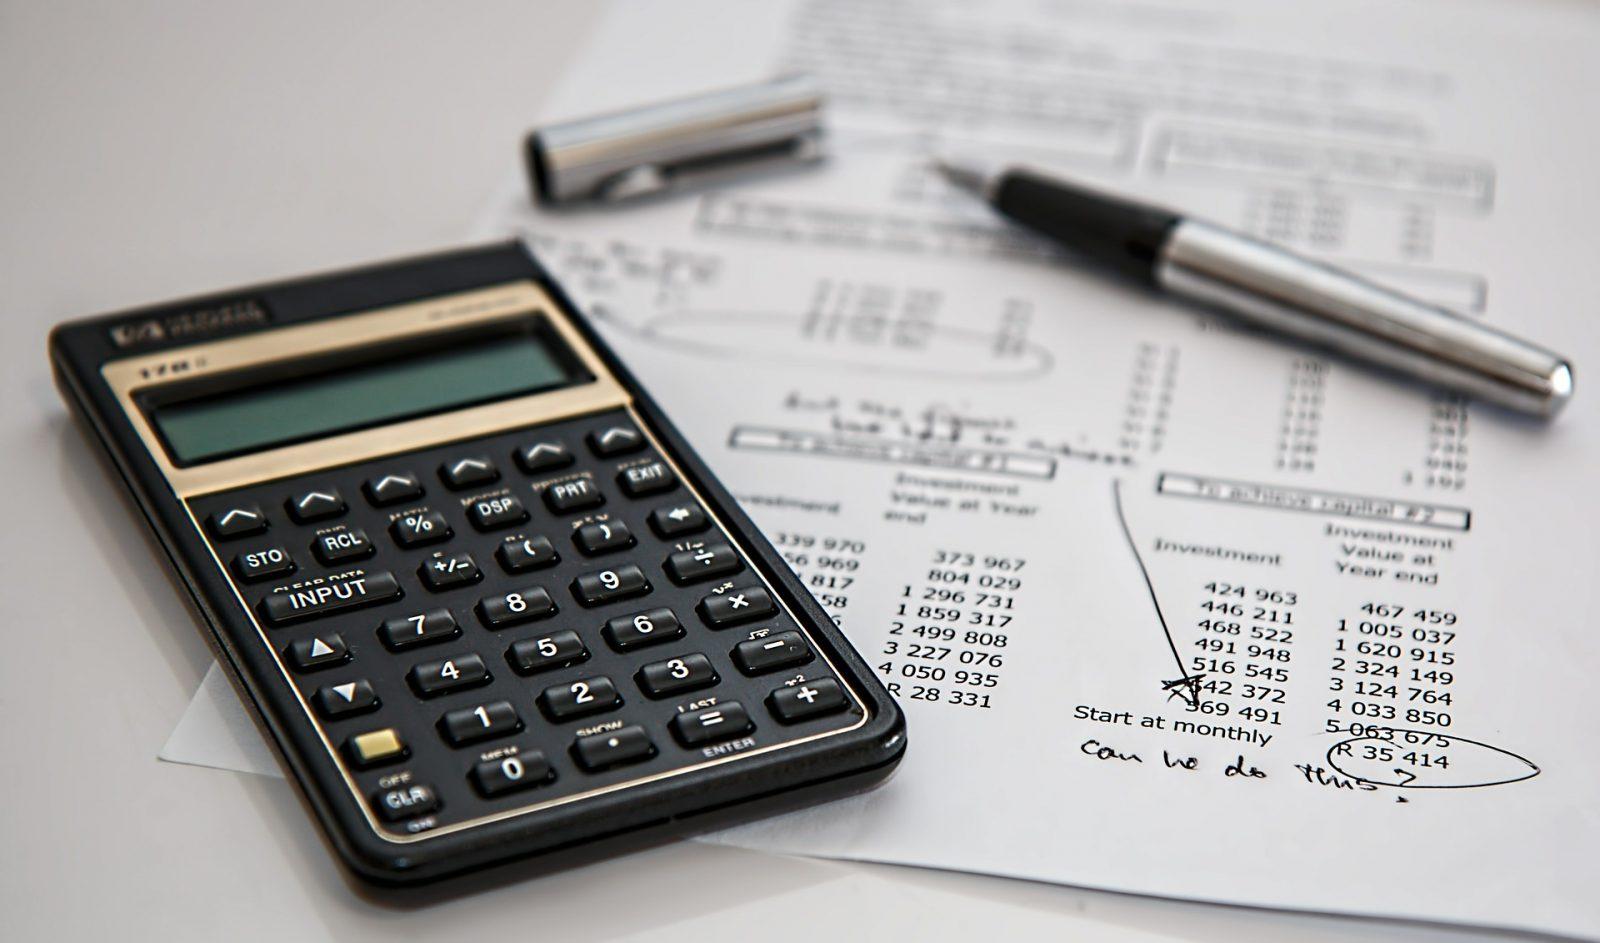 كم يبلغ راتبك فعلياً, بعد الضريبة؟